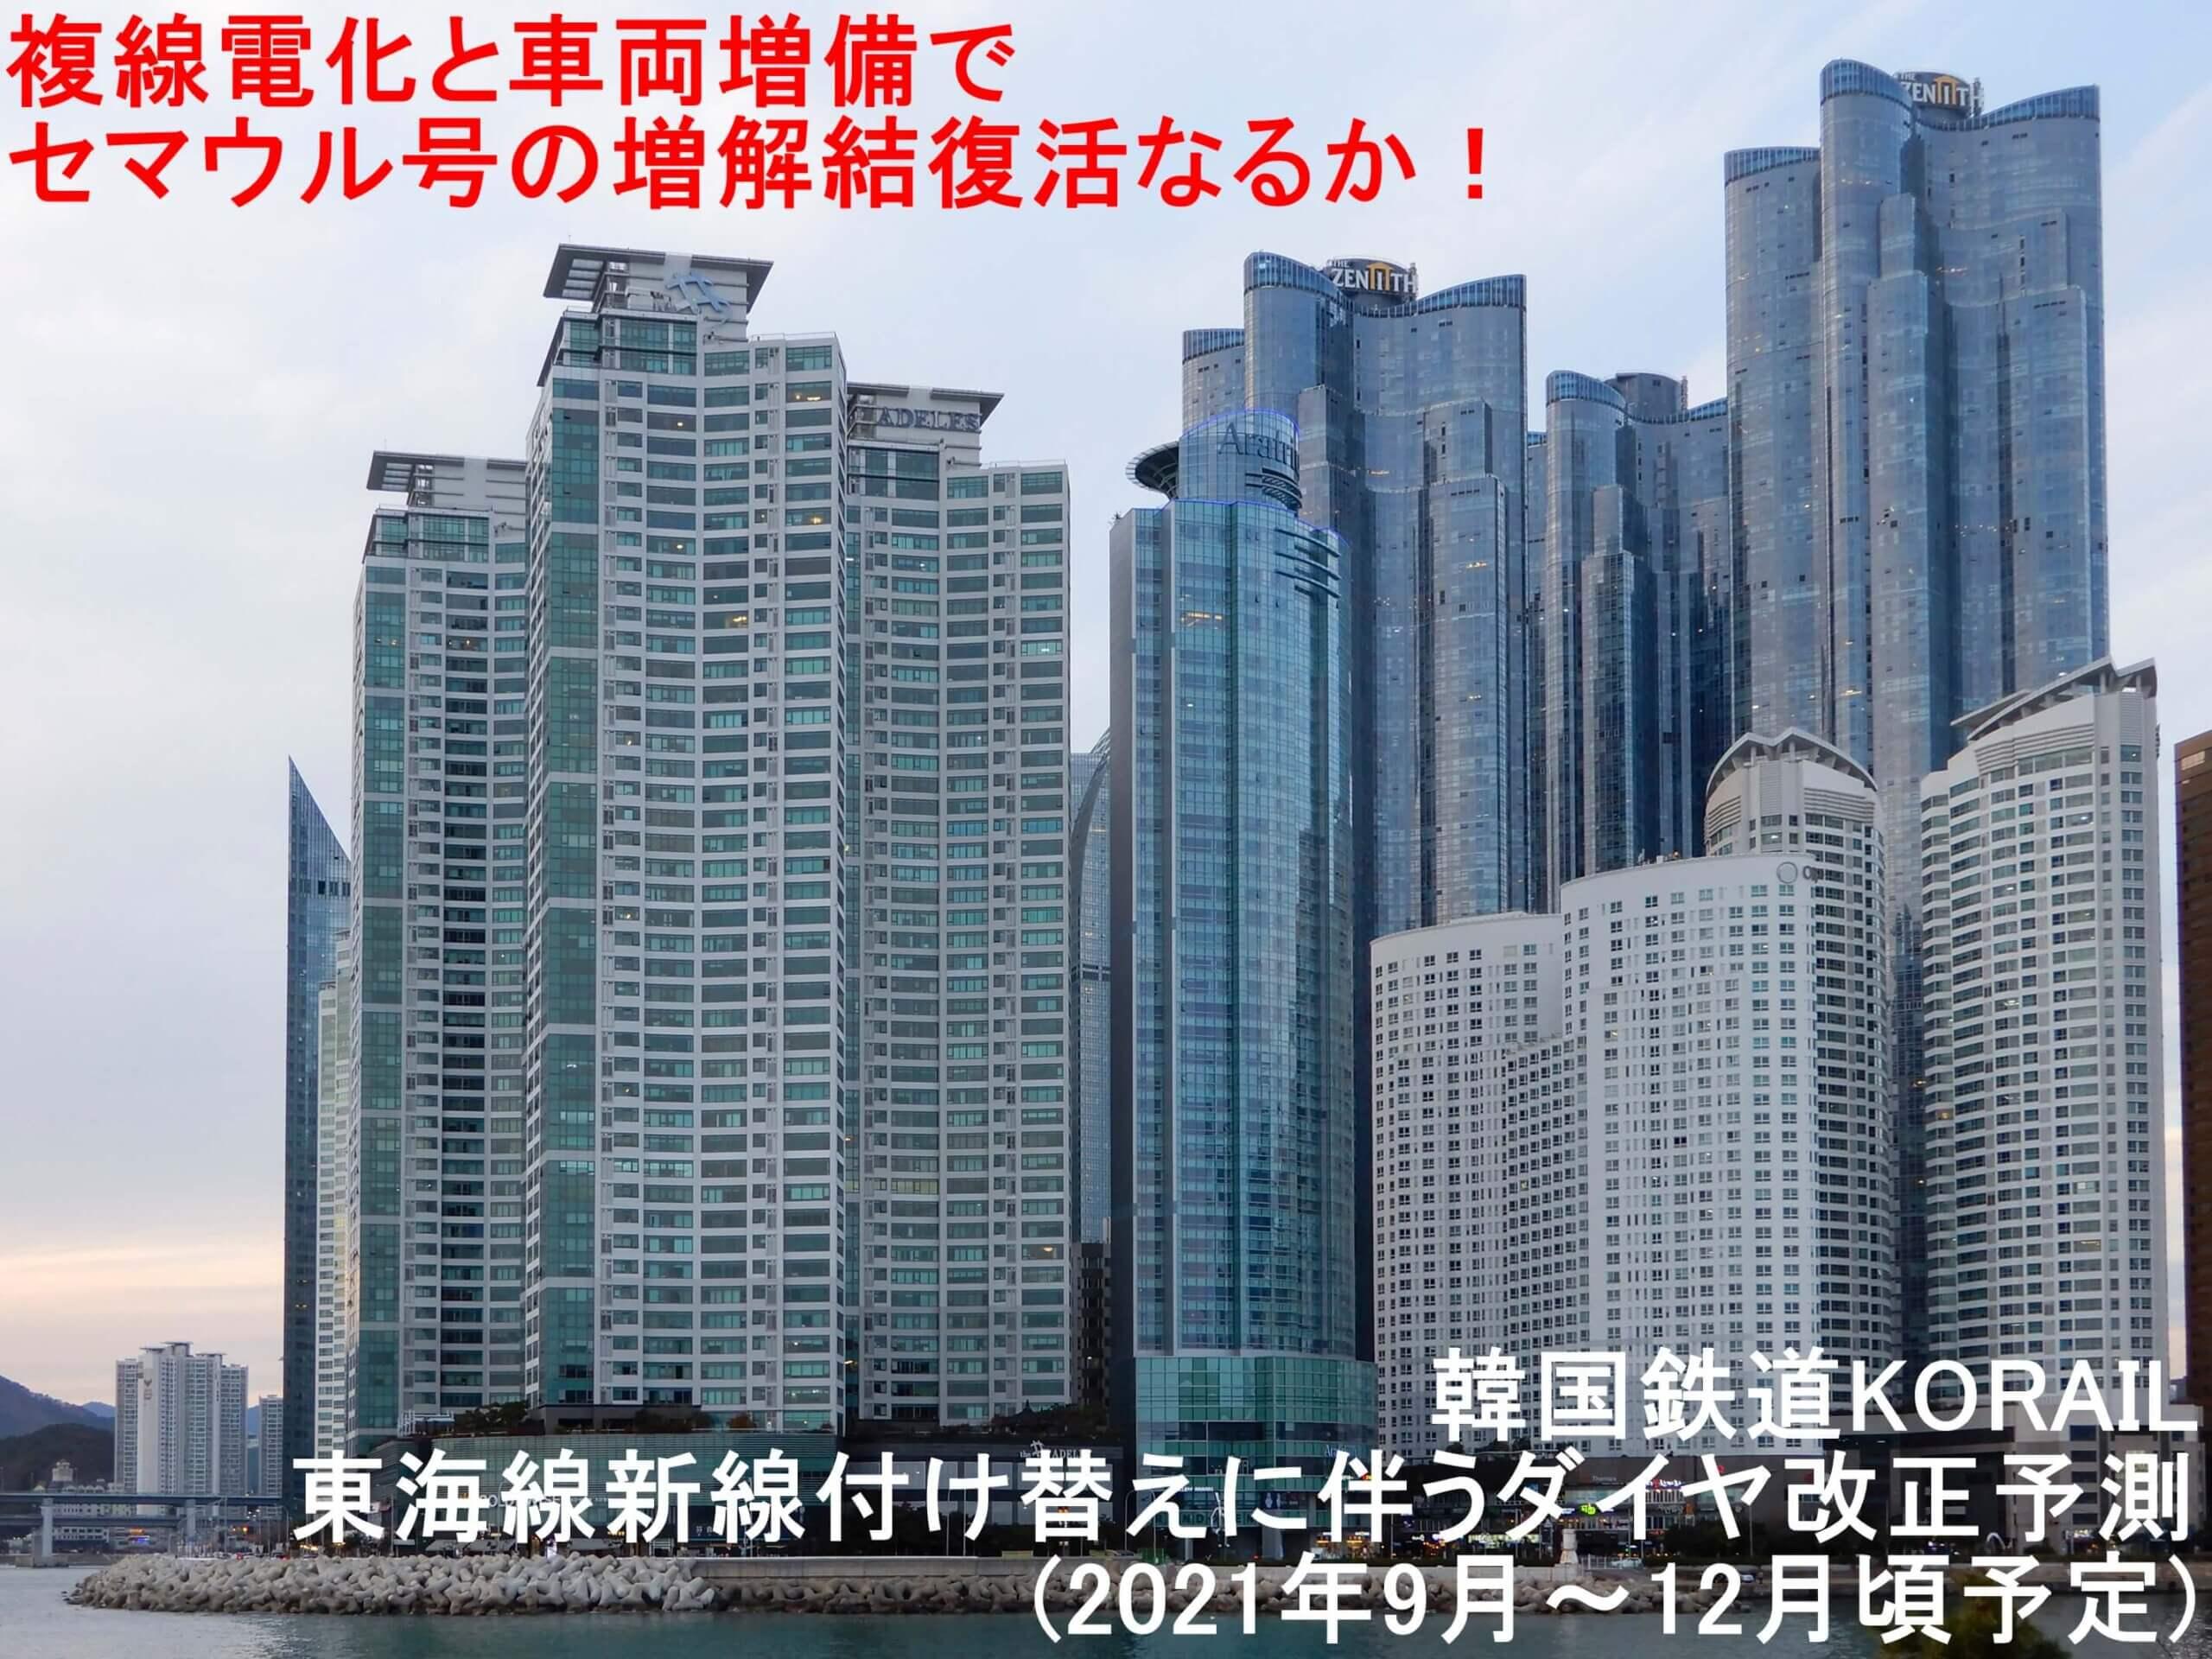 複線電化と車両増備でセマウル号の増解結復活なるか! 韓国鉄道KORAIL東海線新線付け替えに伴うダイヤ改正予測(2021年9月~12月頃予定)